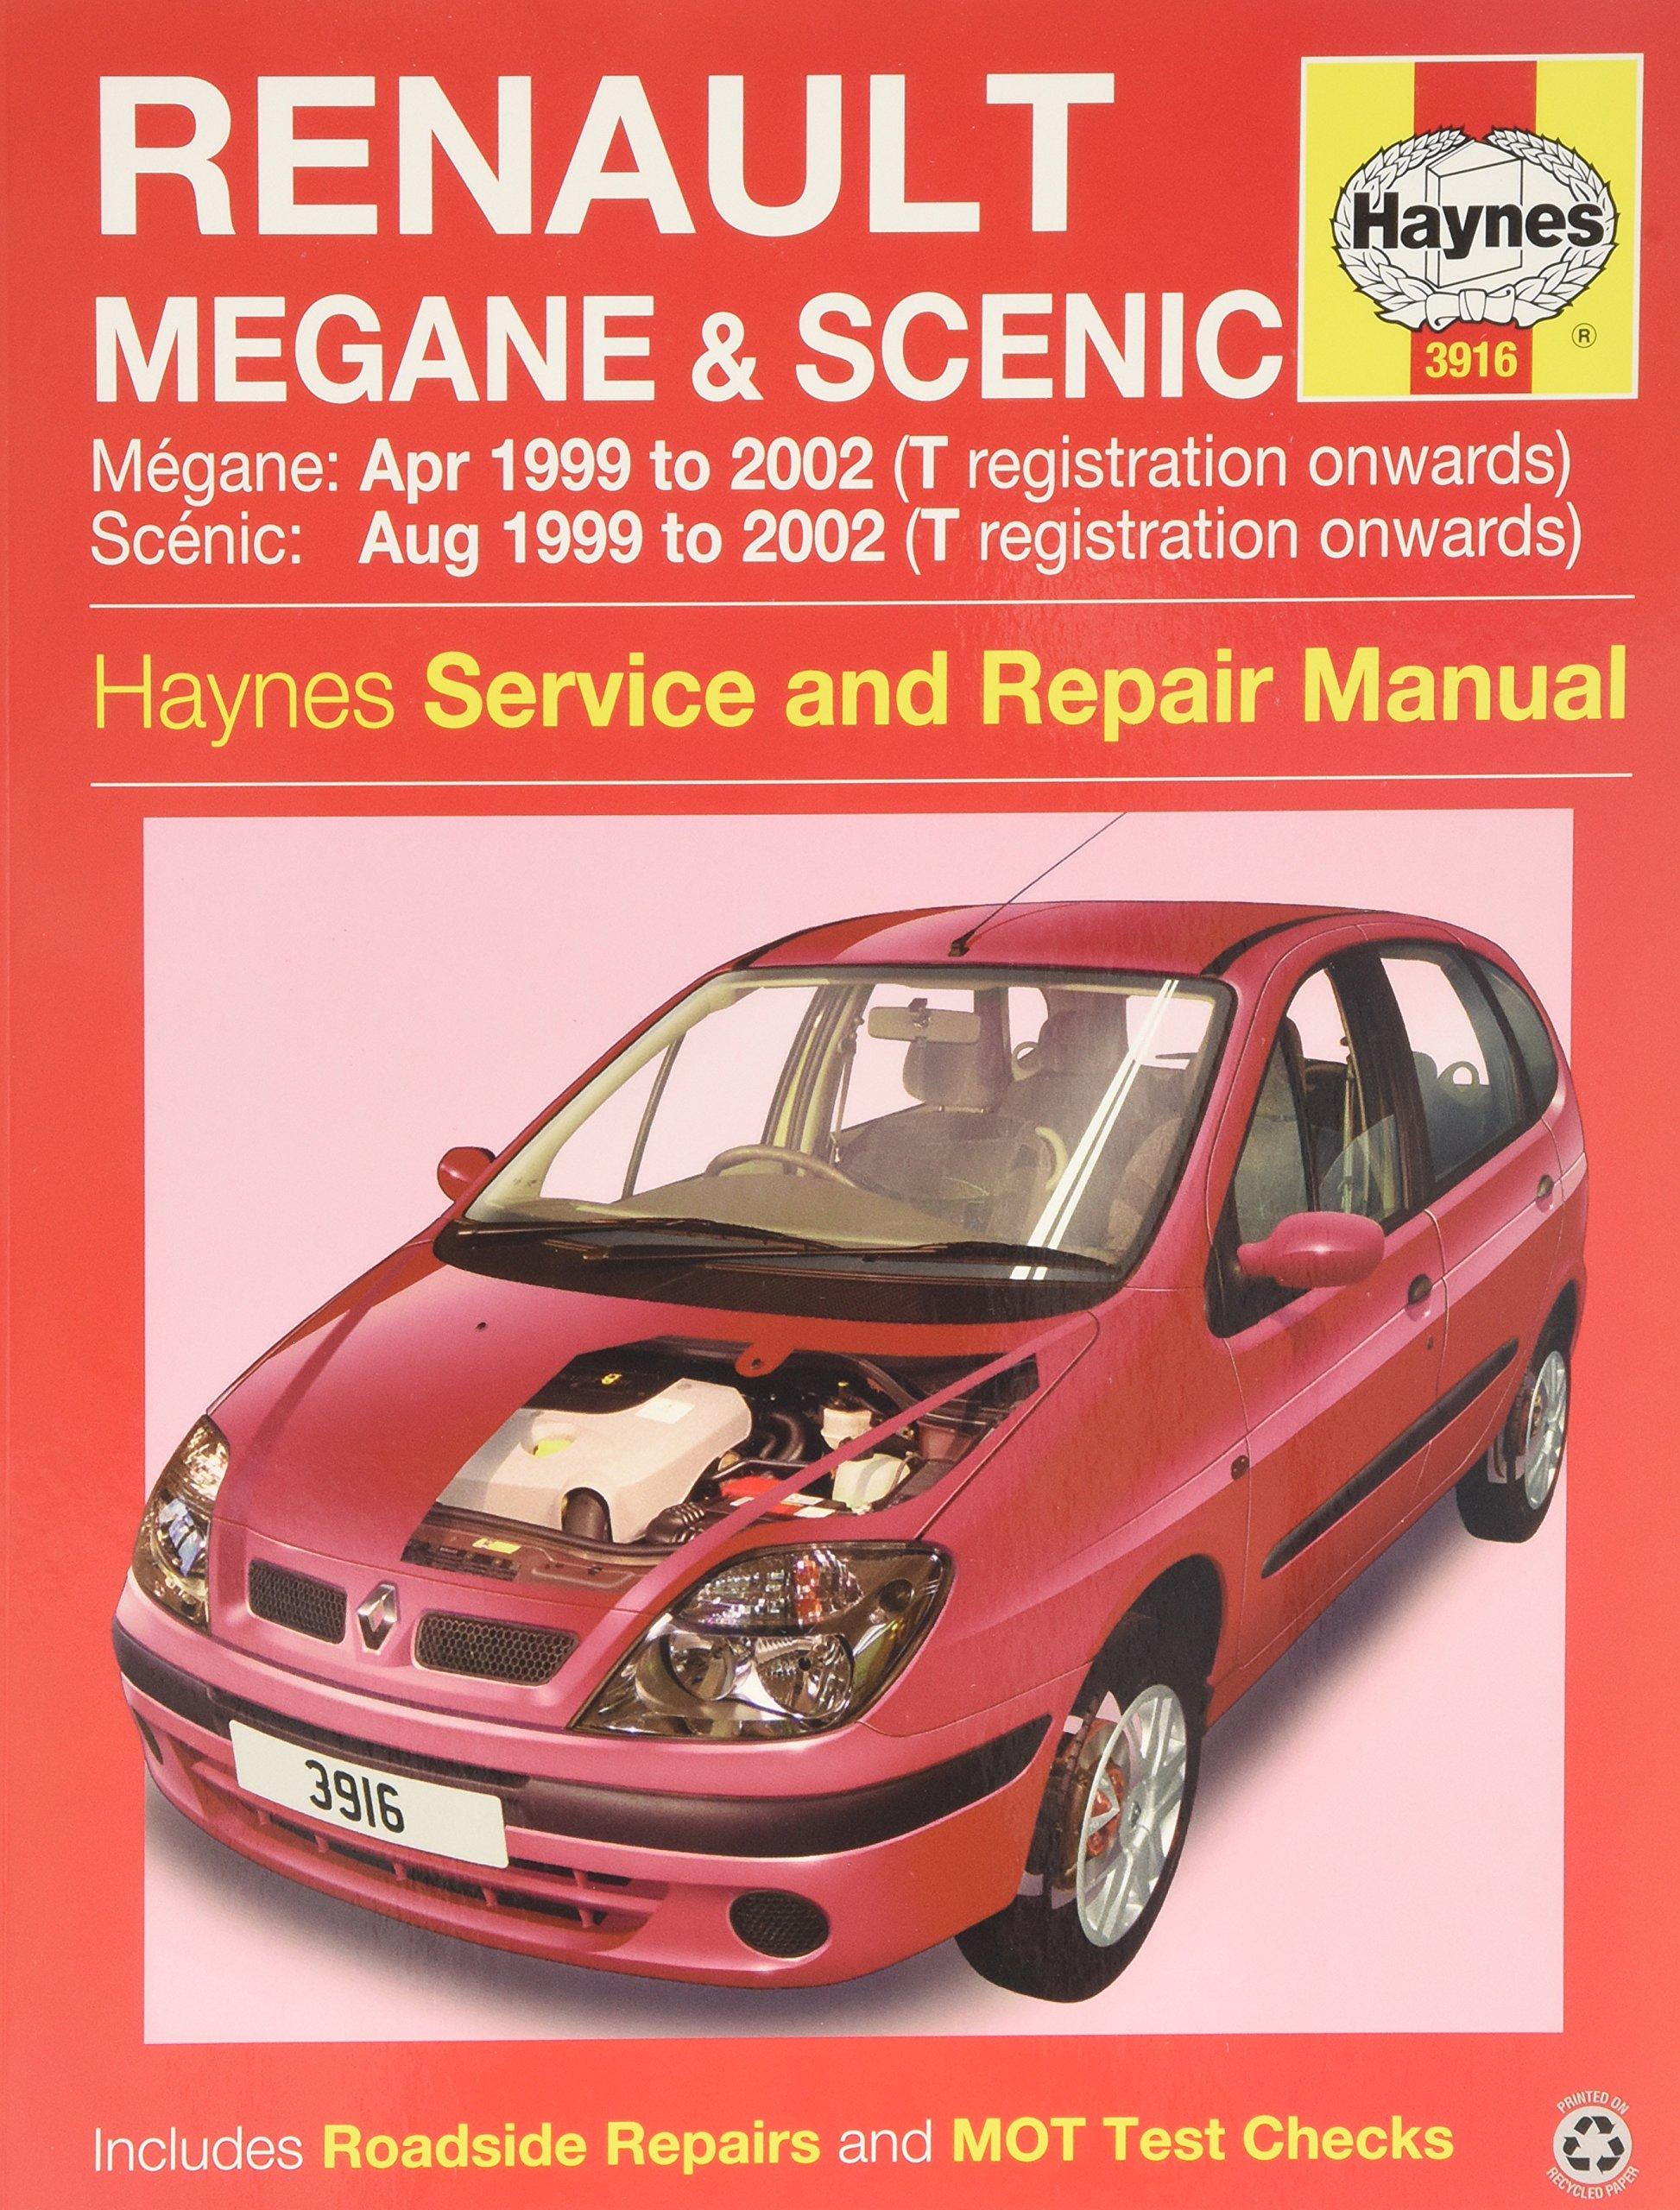 Renault Megane & Scenic Petrol & Diesel (Apr 99 - 02) Haynes Repair Manual:  Amazon.co.uk: Anon: 9781785210051: Books